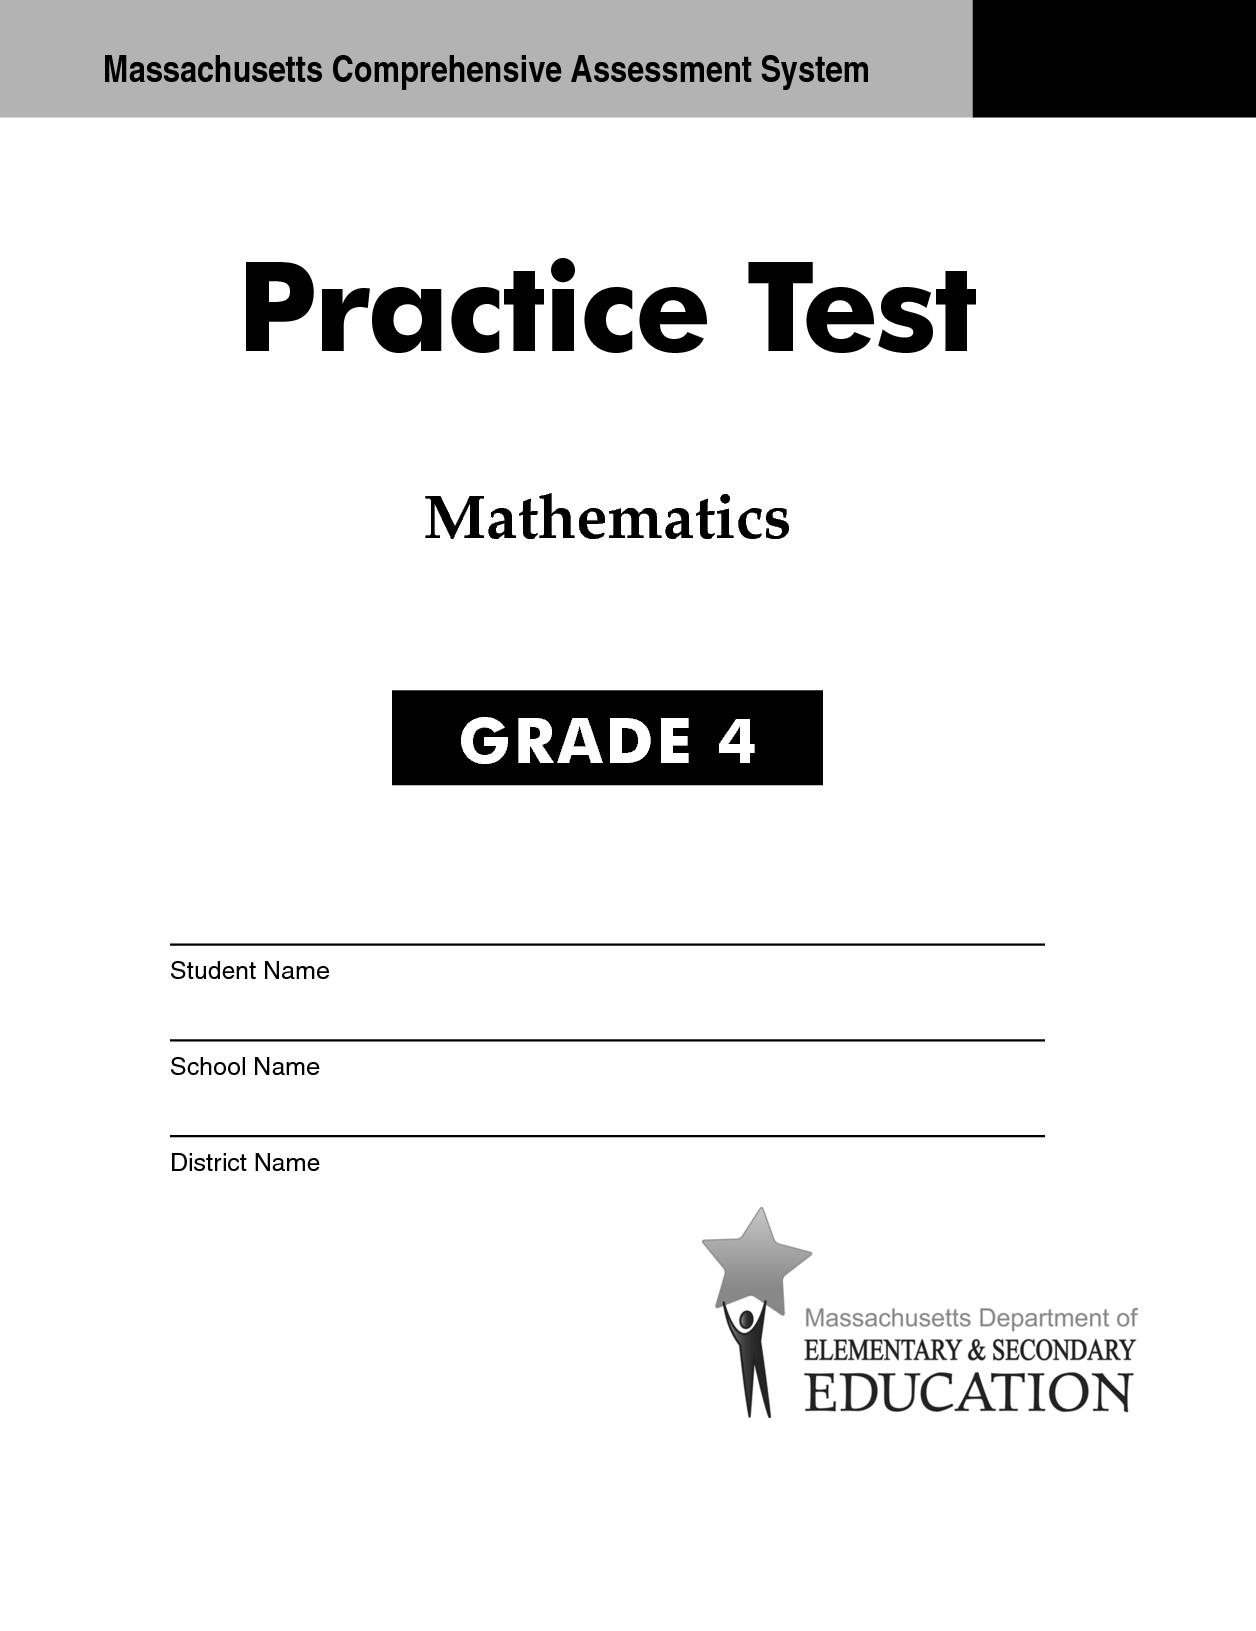 Worksheet Maths Grade 4 Tests worksheet maths grade 4 tests mikyu free test paper for sbac math practice worksheet